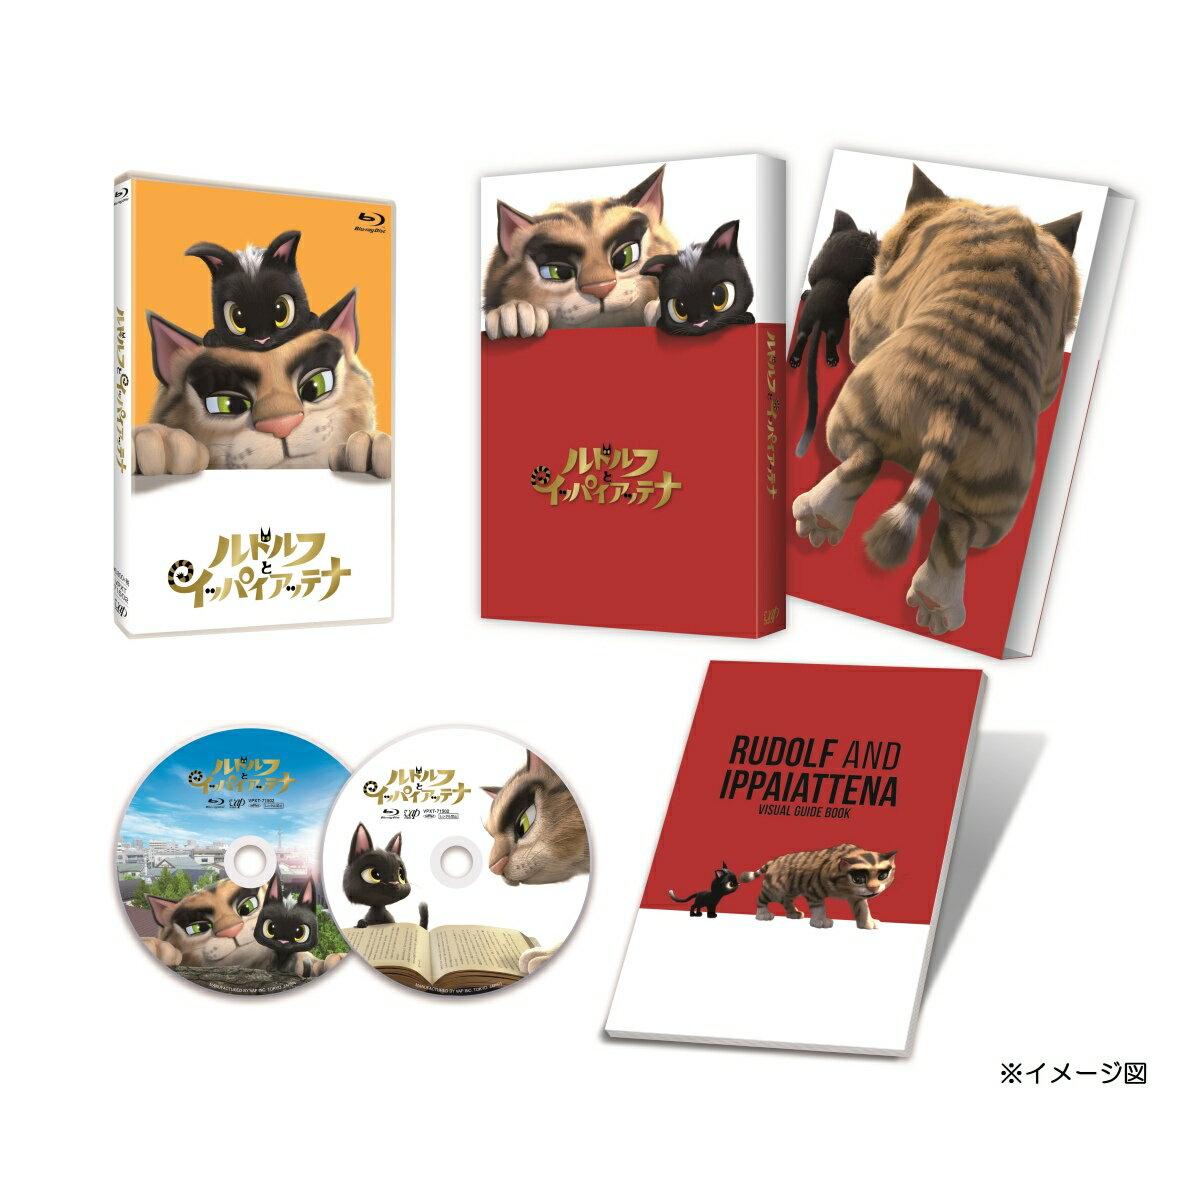 ルドルフとイッパイアッテナ Blu-rayスペシャル・エディション【Blu-ray】 [ 井上真央 ]